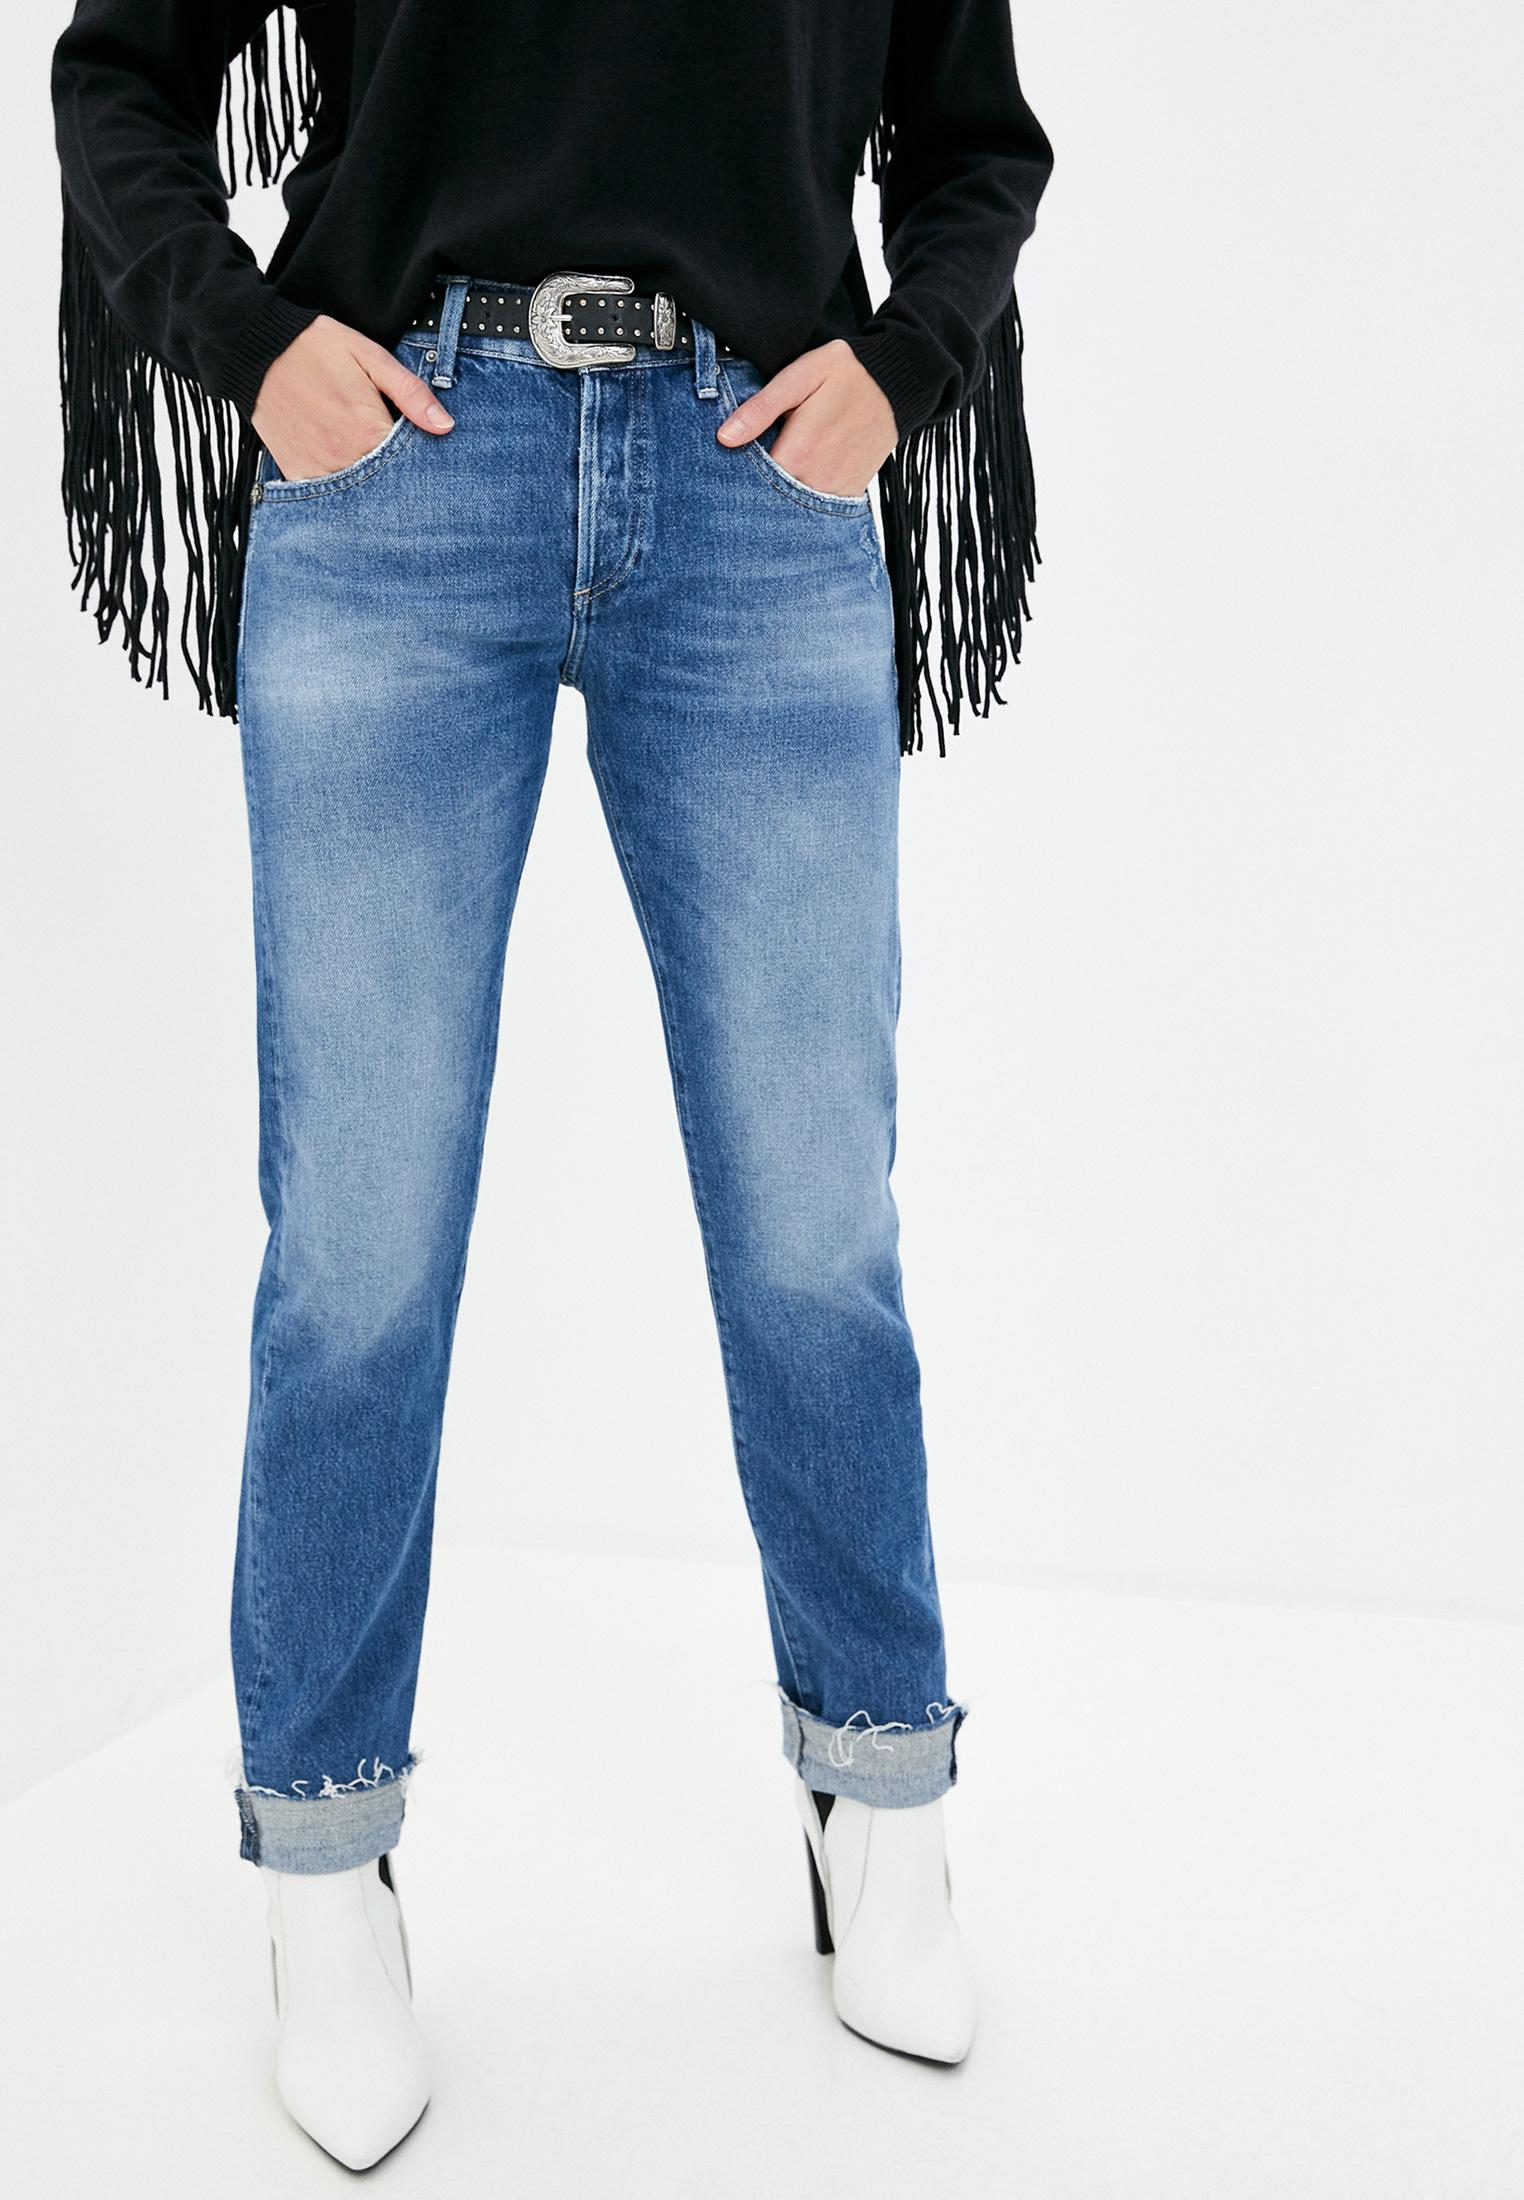 Прямые джинсы Replay (Реплей) WA417R.000.108787